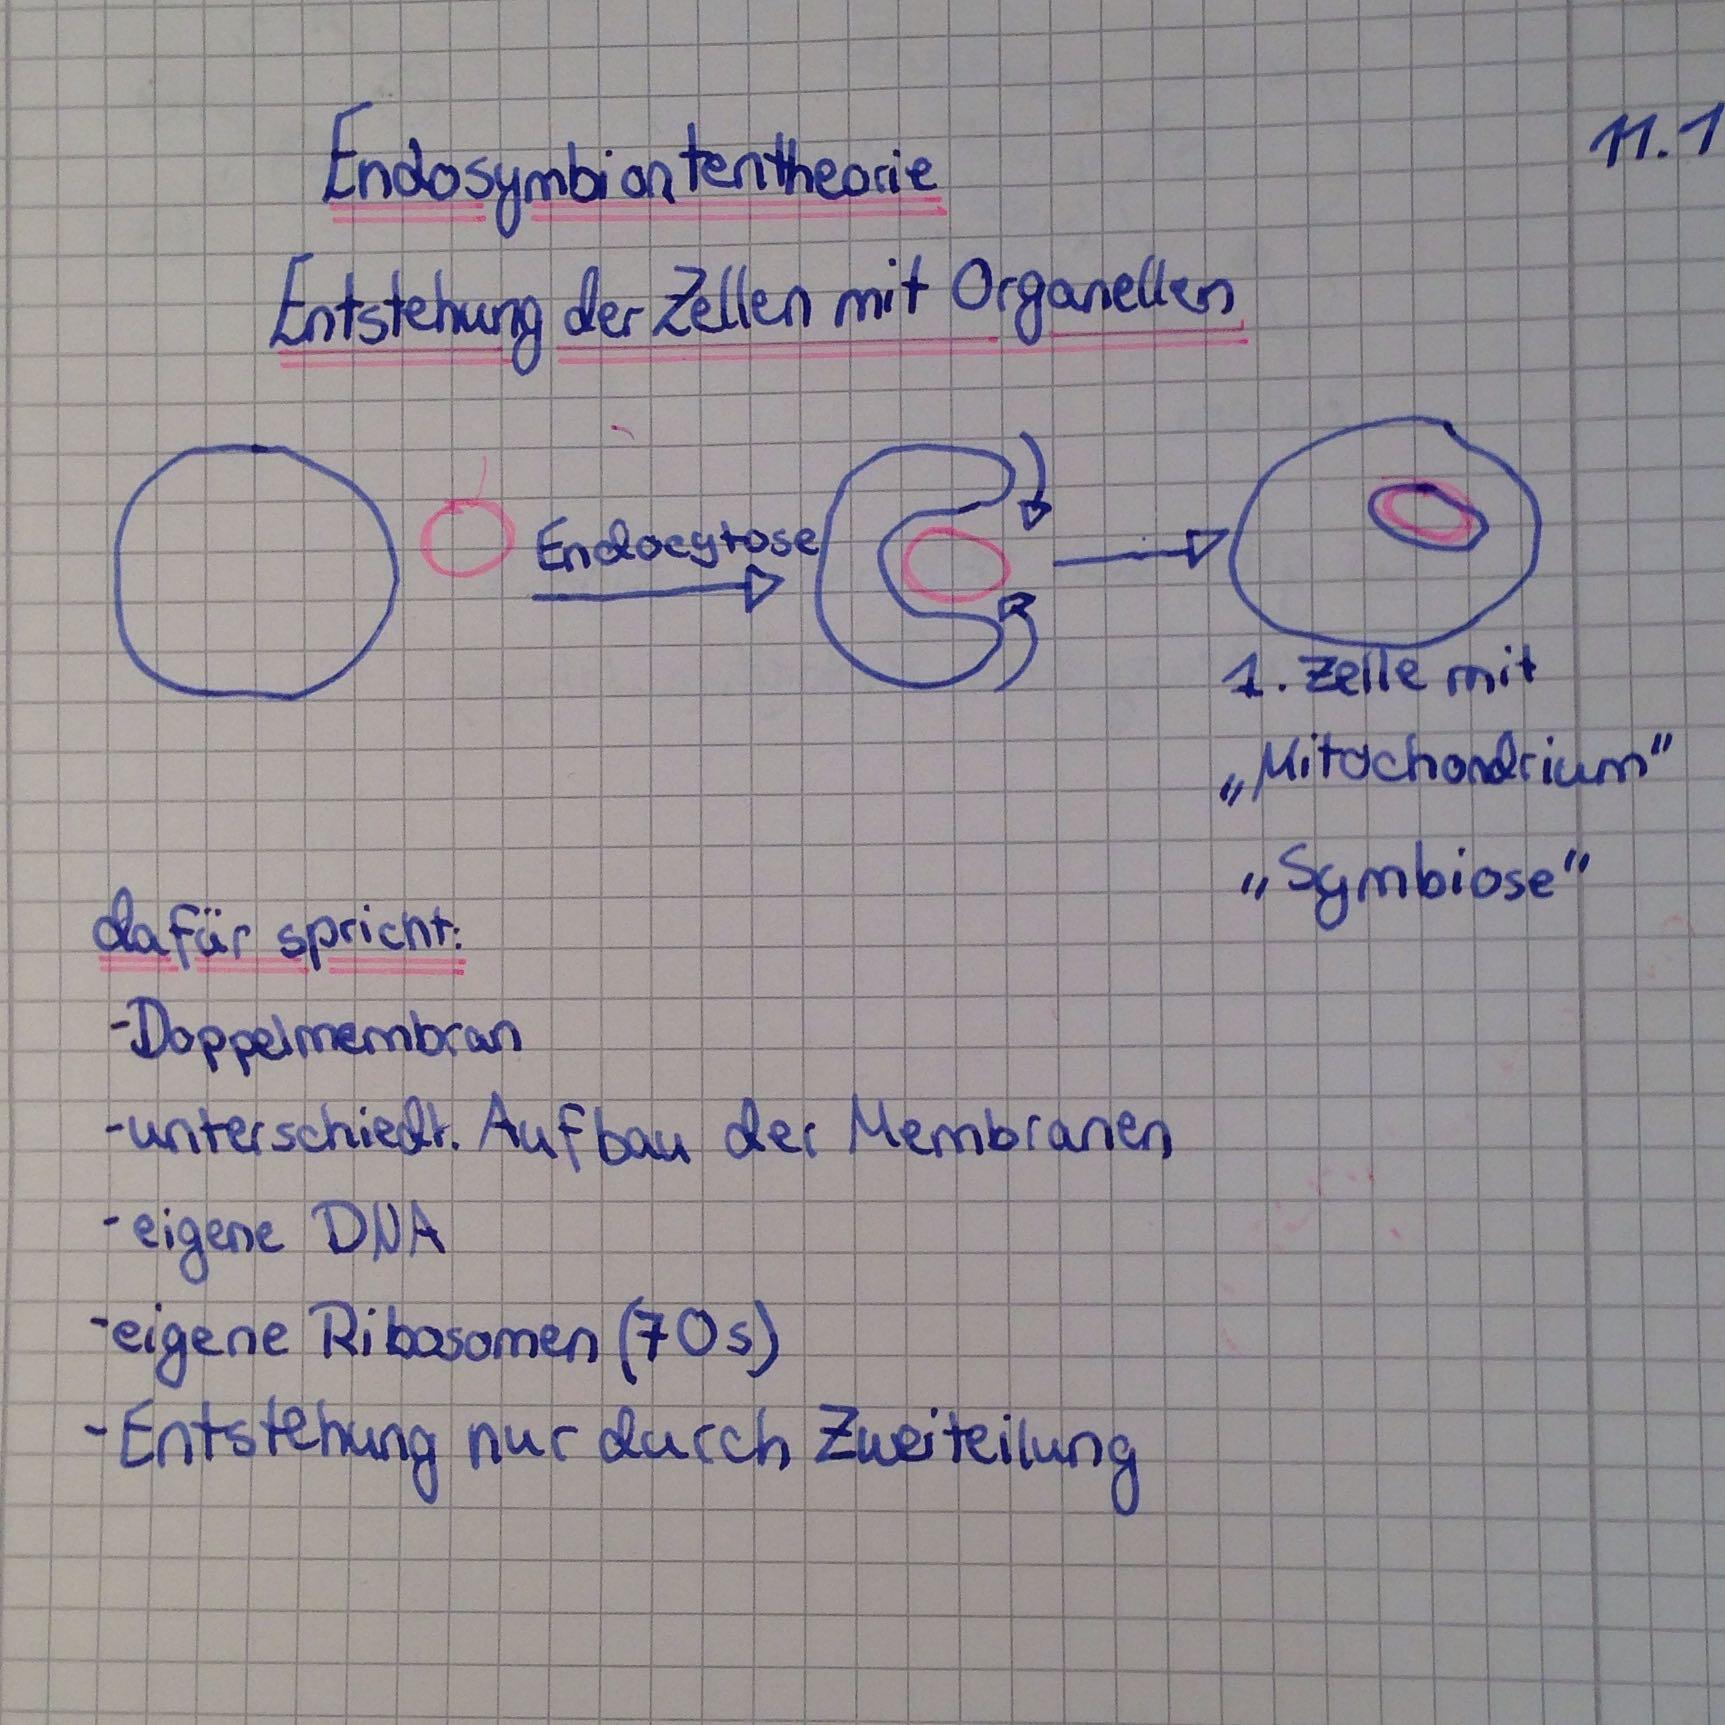 Kann mir jemand die endosymbiontentheorie erklären? (Biologie, Test)